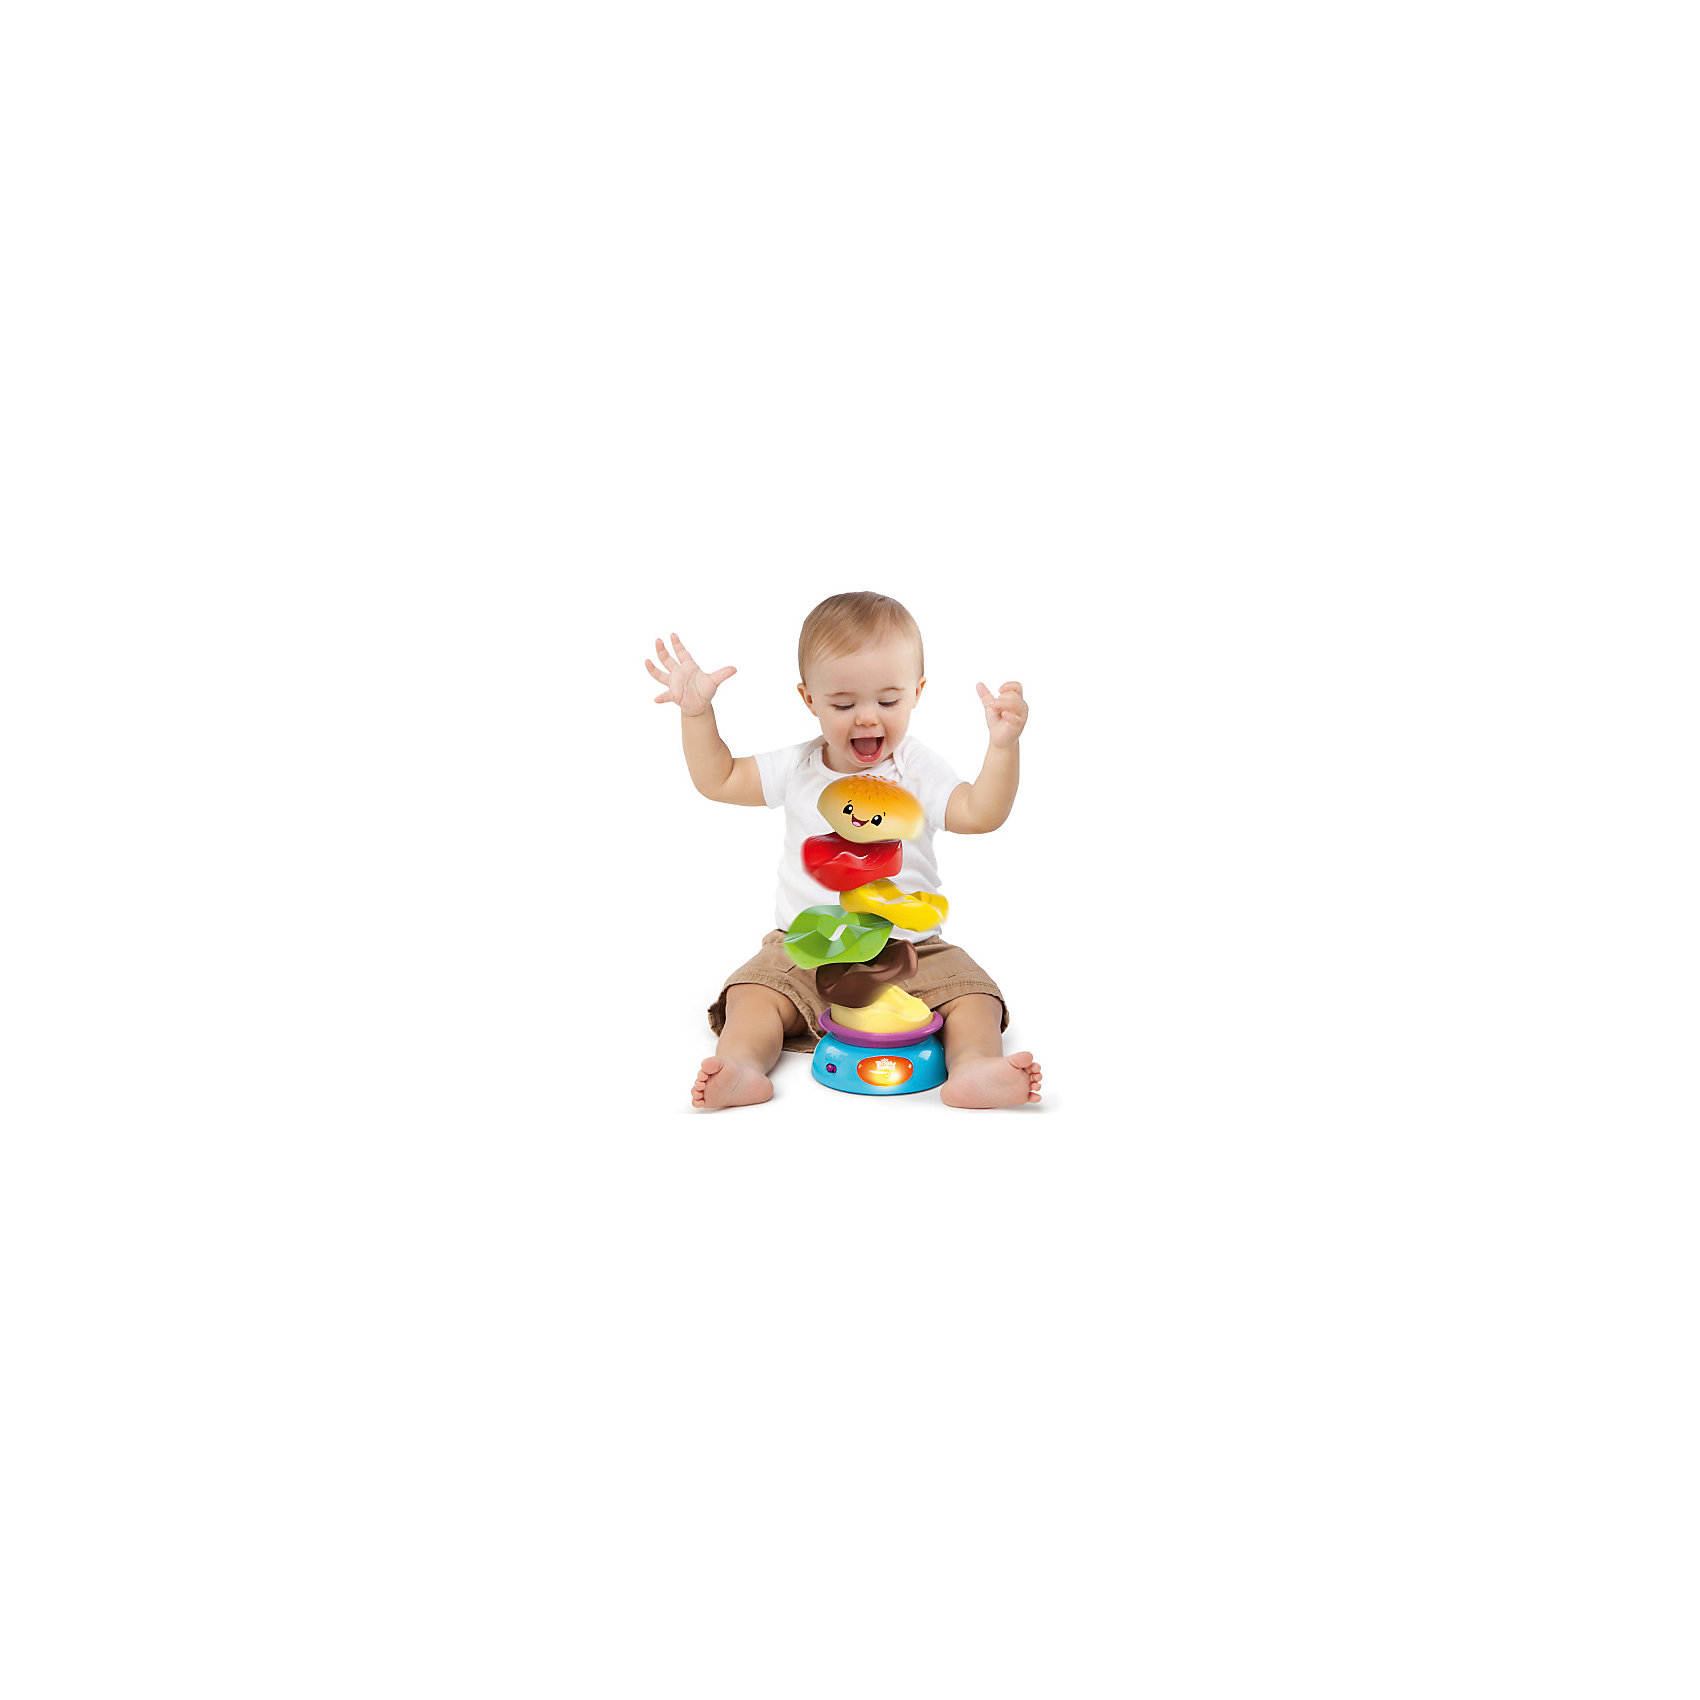 Развивающая игрушка-пирамидка «Веселый бутерброд», Bright StartsХарактеристики музыкальной игрушки Bright Starts:<br><br>• высота пирамидки: 20 см;<br>• звуковые эффекты: смех и музыка;<br>• элементы пирамидки вращаются вокруг основания;<br>• развивается мелкая моторика, внимание, цветовосприятие;<br>• размер упаковки: 24х19х15 см;<br>• батарейки входят в комплект: 2 шт. типа АА. <br><br>Музыкальная игрушка «Веселый бутерброд» представляет собой пирамидку, на основание которой надеваются ингредиенты бутерброда. Колечки имеют рельефную поверхность, при соединении деталей необходимо учитывать выпуклости и впадинки колец. В процессе игры развивается мелкая моторика, слух, малыш изучает цвета и формы. <br><br>Развивающую игрушку-пирамидку «Веселый бутерброд», Bright Starts можно купить в нашем интернет-магазине.<br><br>Ширина мм: 198<br>Глубина мм: 160<br>Высота мм: 244<br>Вес г: 760<br>Возраст от месяцев: 0<br>Возраст до месяцев: 36<br>Пол: Унисекс<br>Возраст: Детский<br>SKU: 4796642